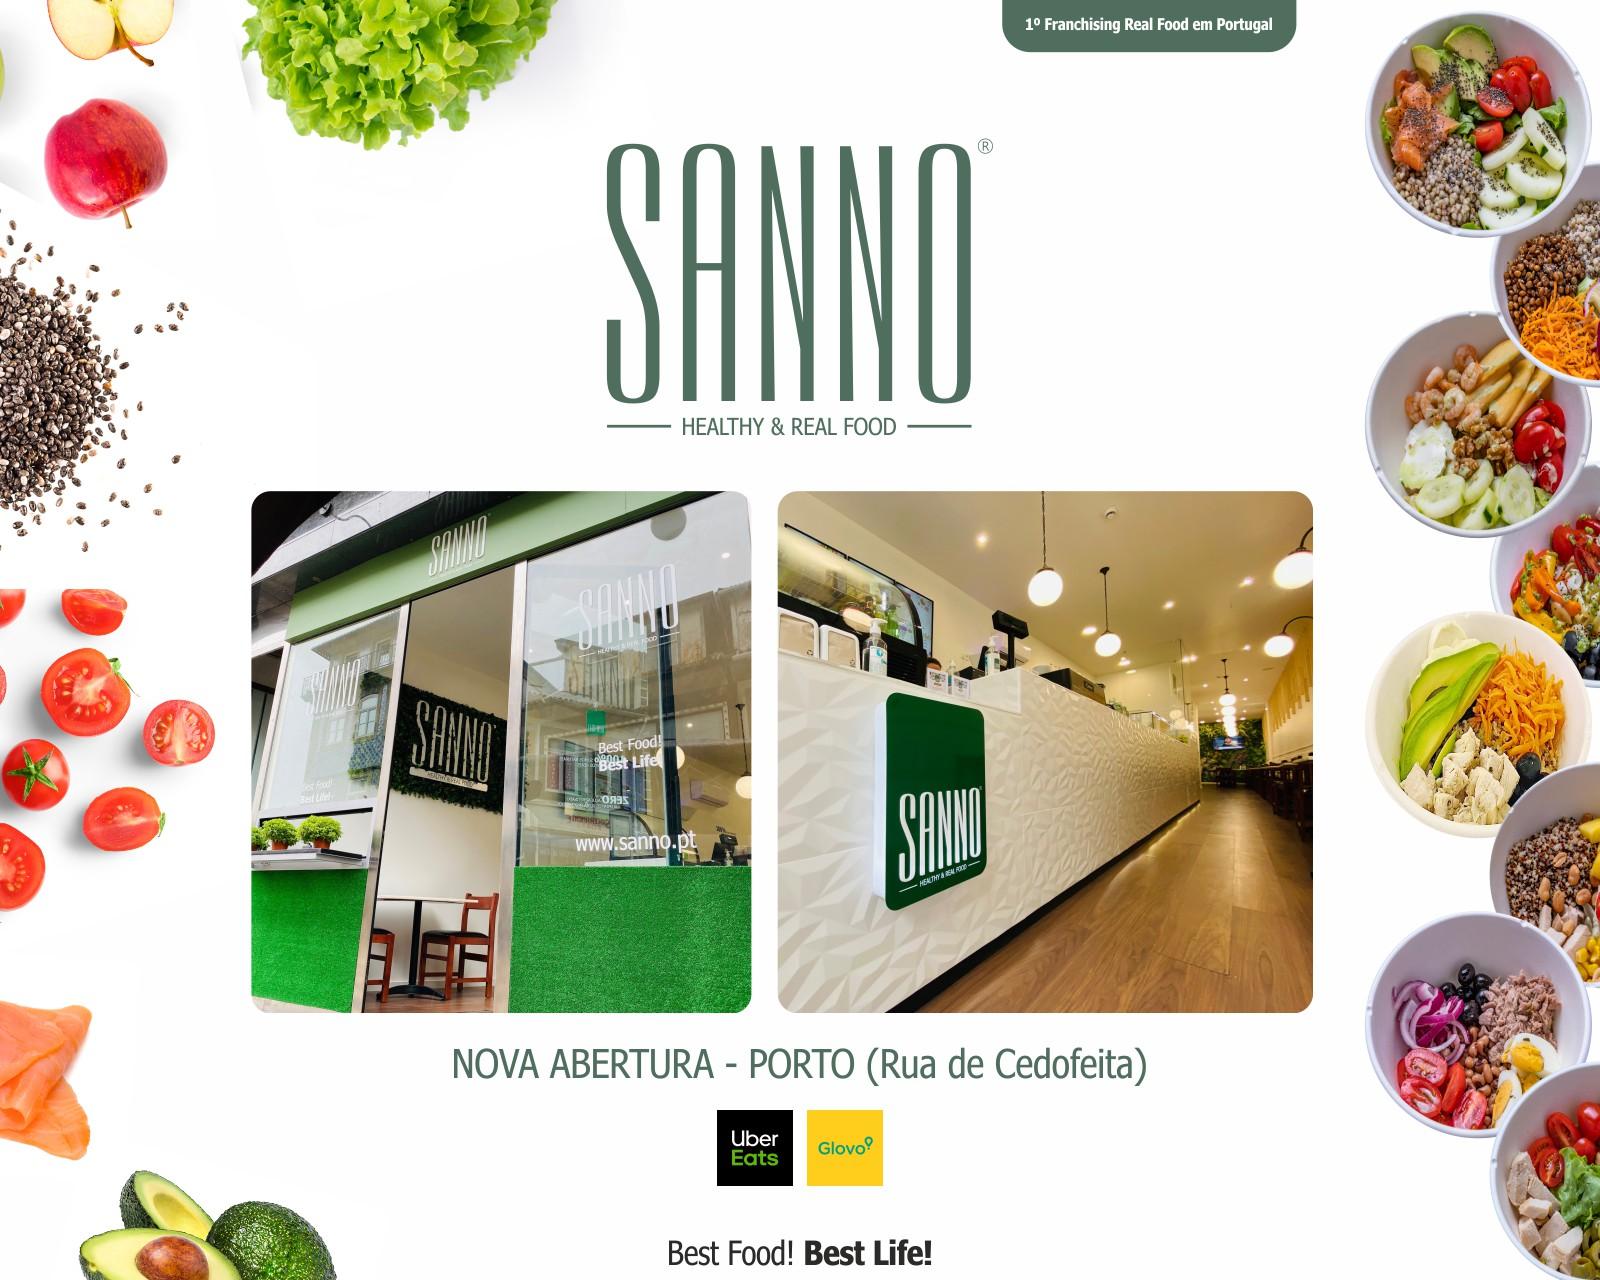 SANNO - Porto (Cedofeita) - Abertura